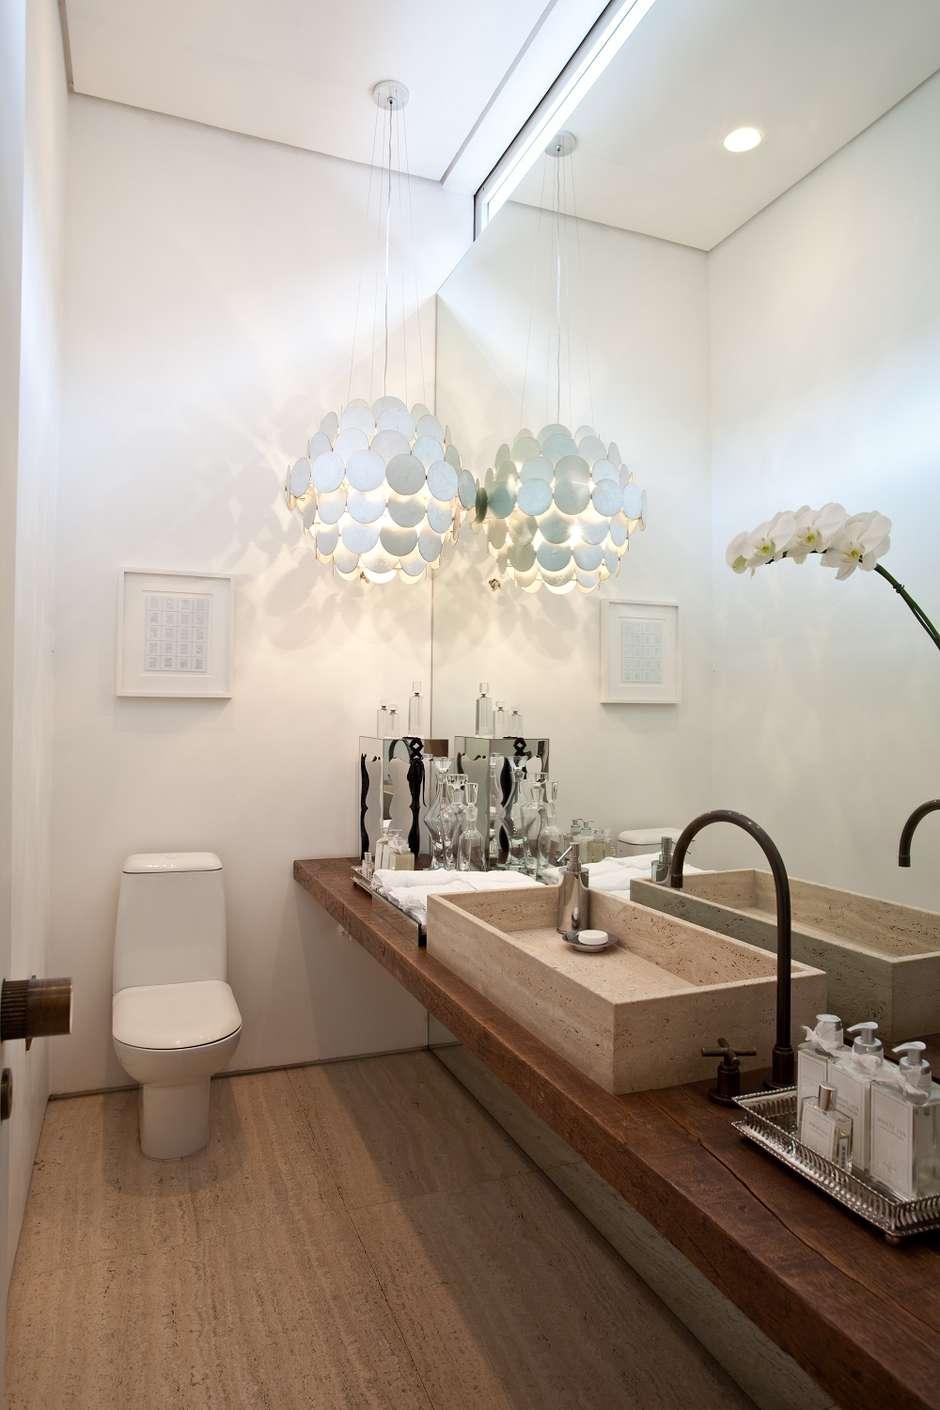 Cuba para Banheiro Tipos, Modelos e 60 Fotos Incríveis! -> Cuba Para Banheiro Roxa